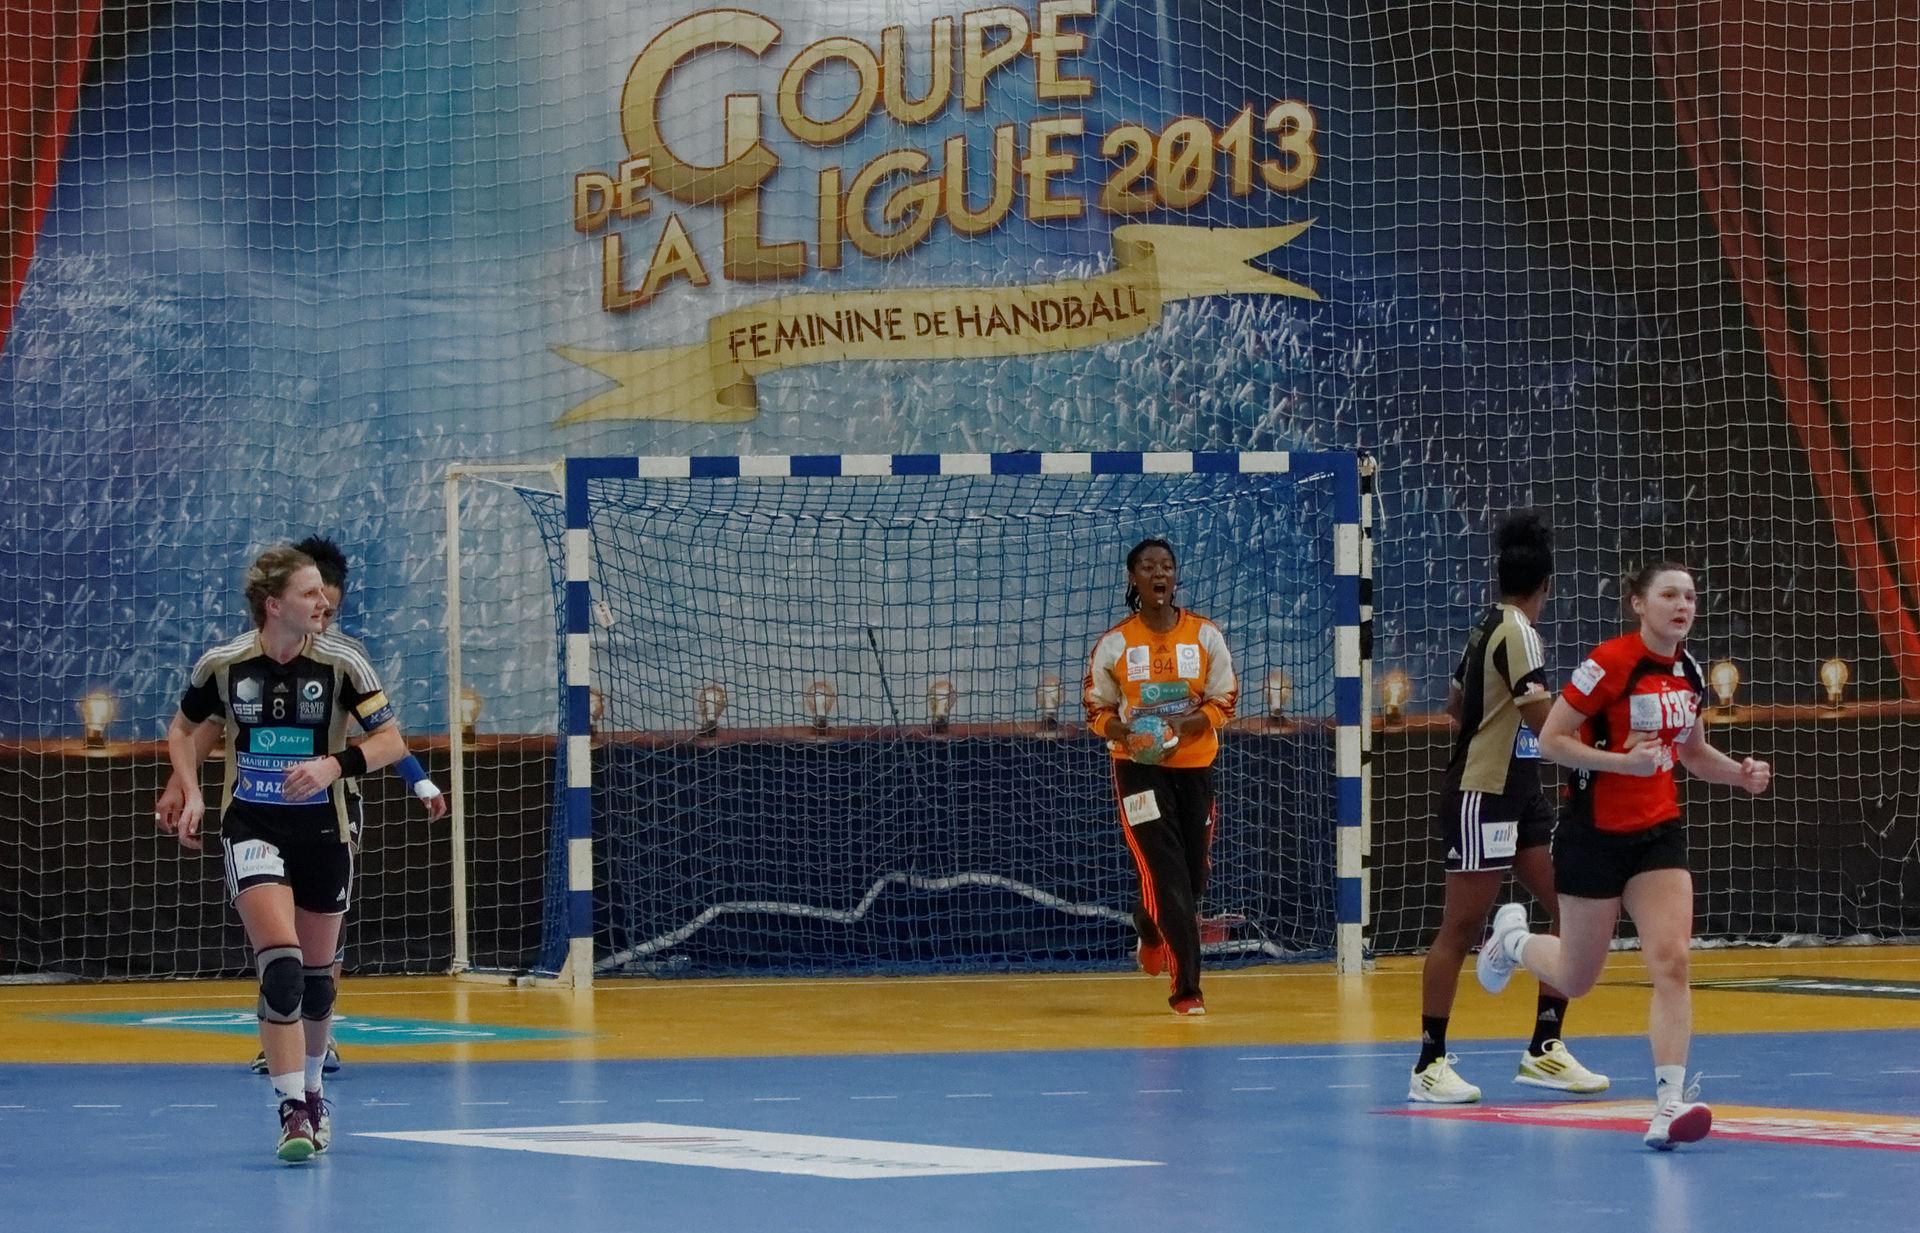 Coupe de la ligue fran aise de handball f minin wikip dia - Coupe d europe de handball ...